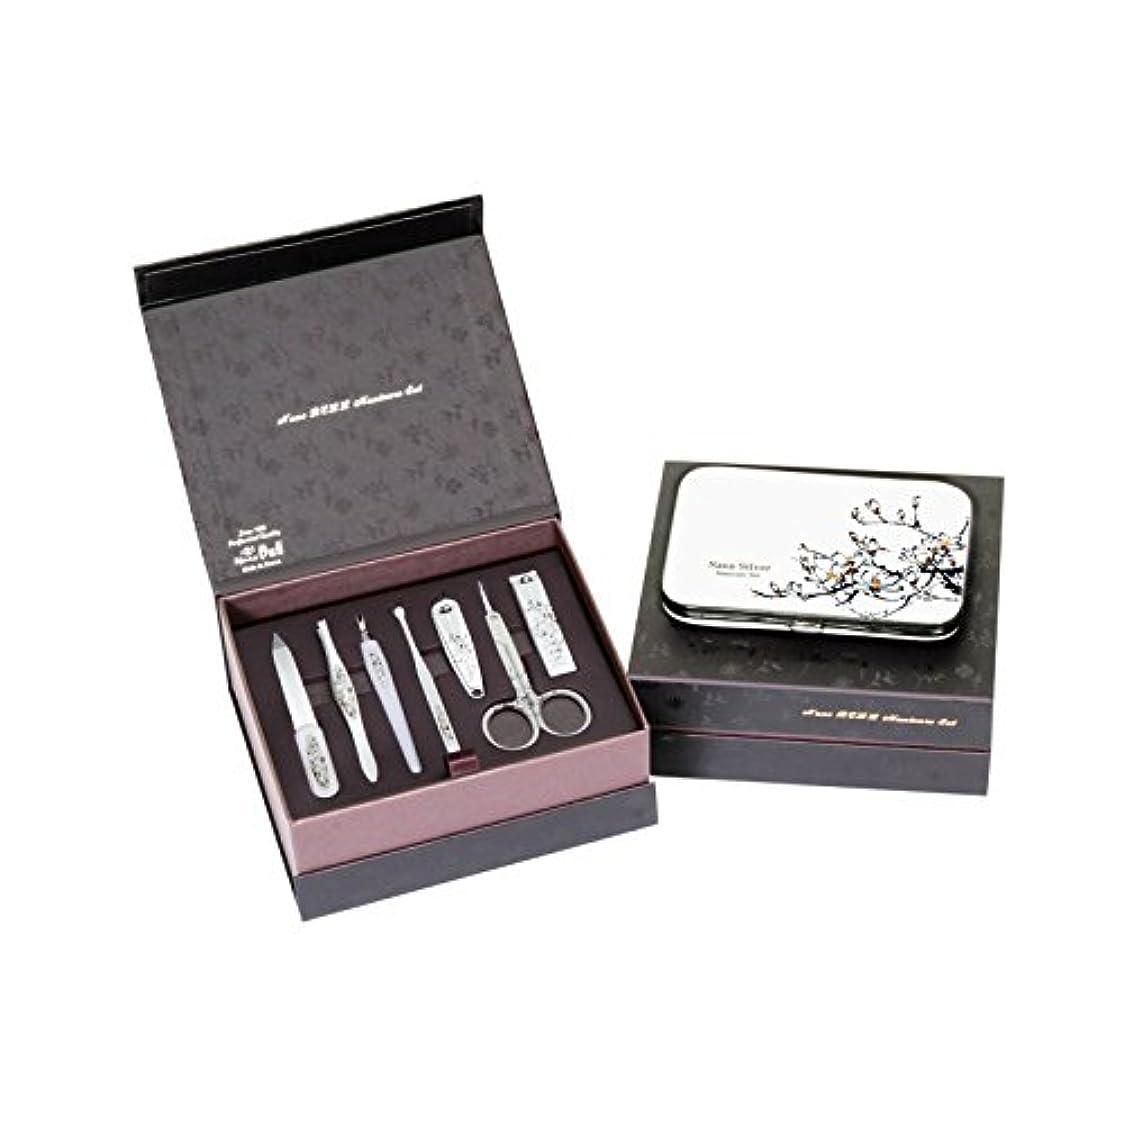 ハーブ高度なタウポ湖METAL BELL Manicure Sets BN-8177A ポータブル爪の管理セット爪切りセット 高品質のネイルケアセット高級感のある東洋画のデザイン Portable Nail Clippers Nail Care...